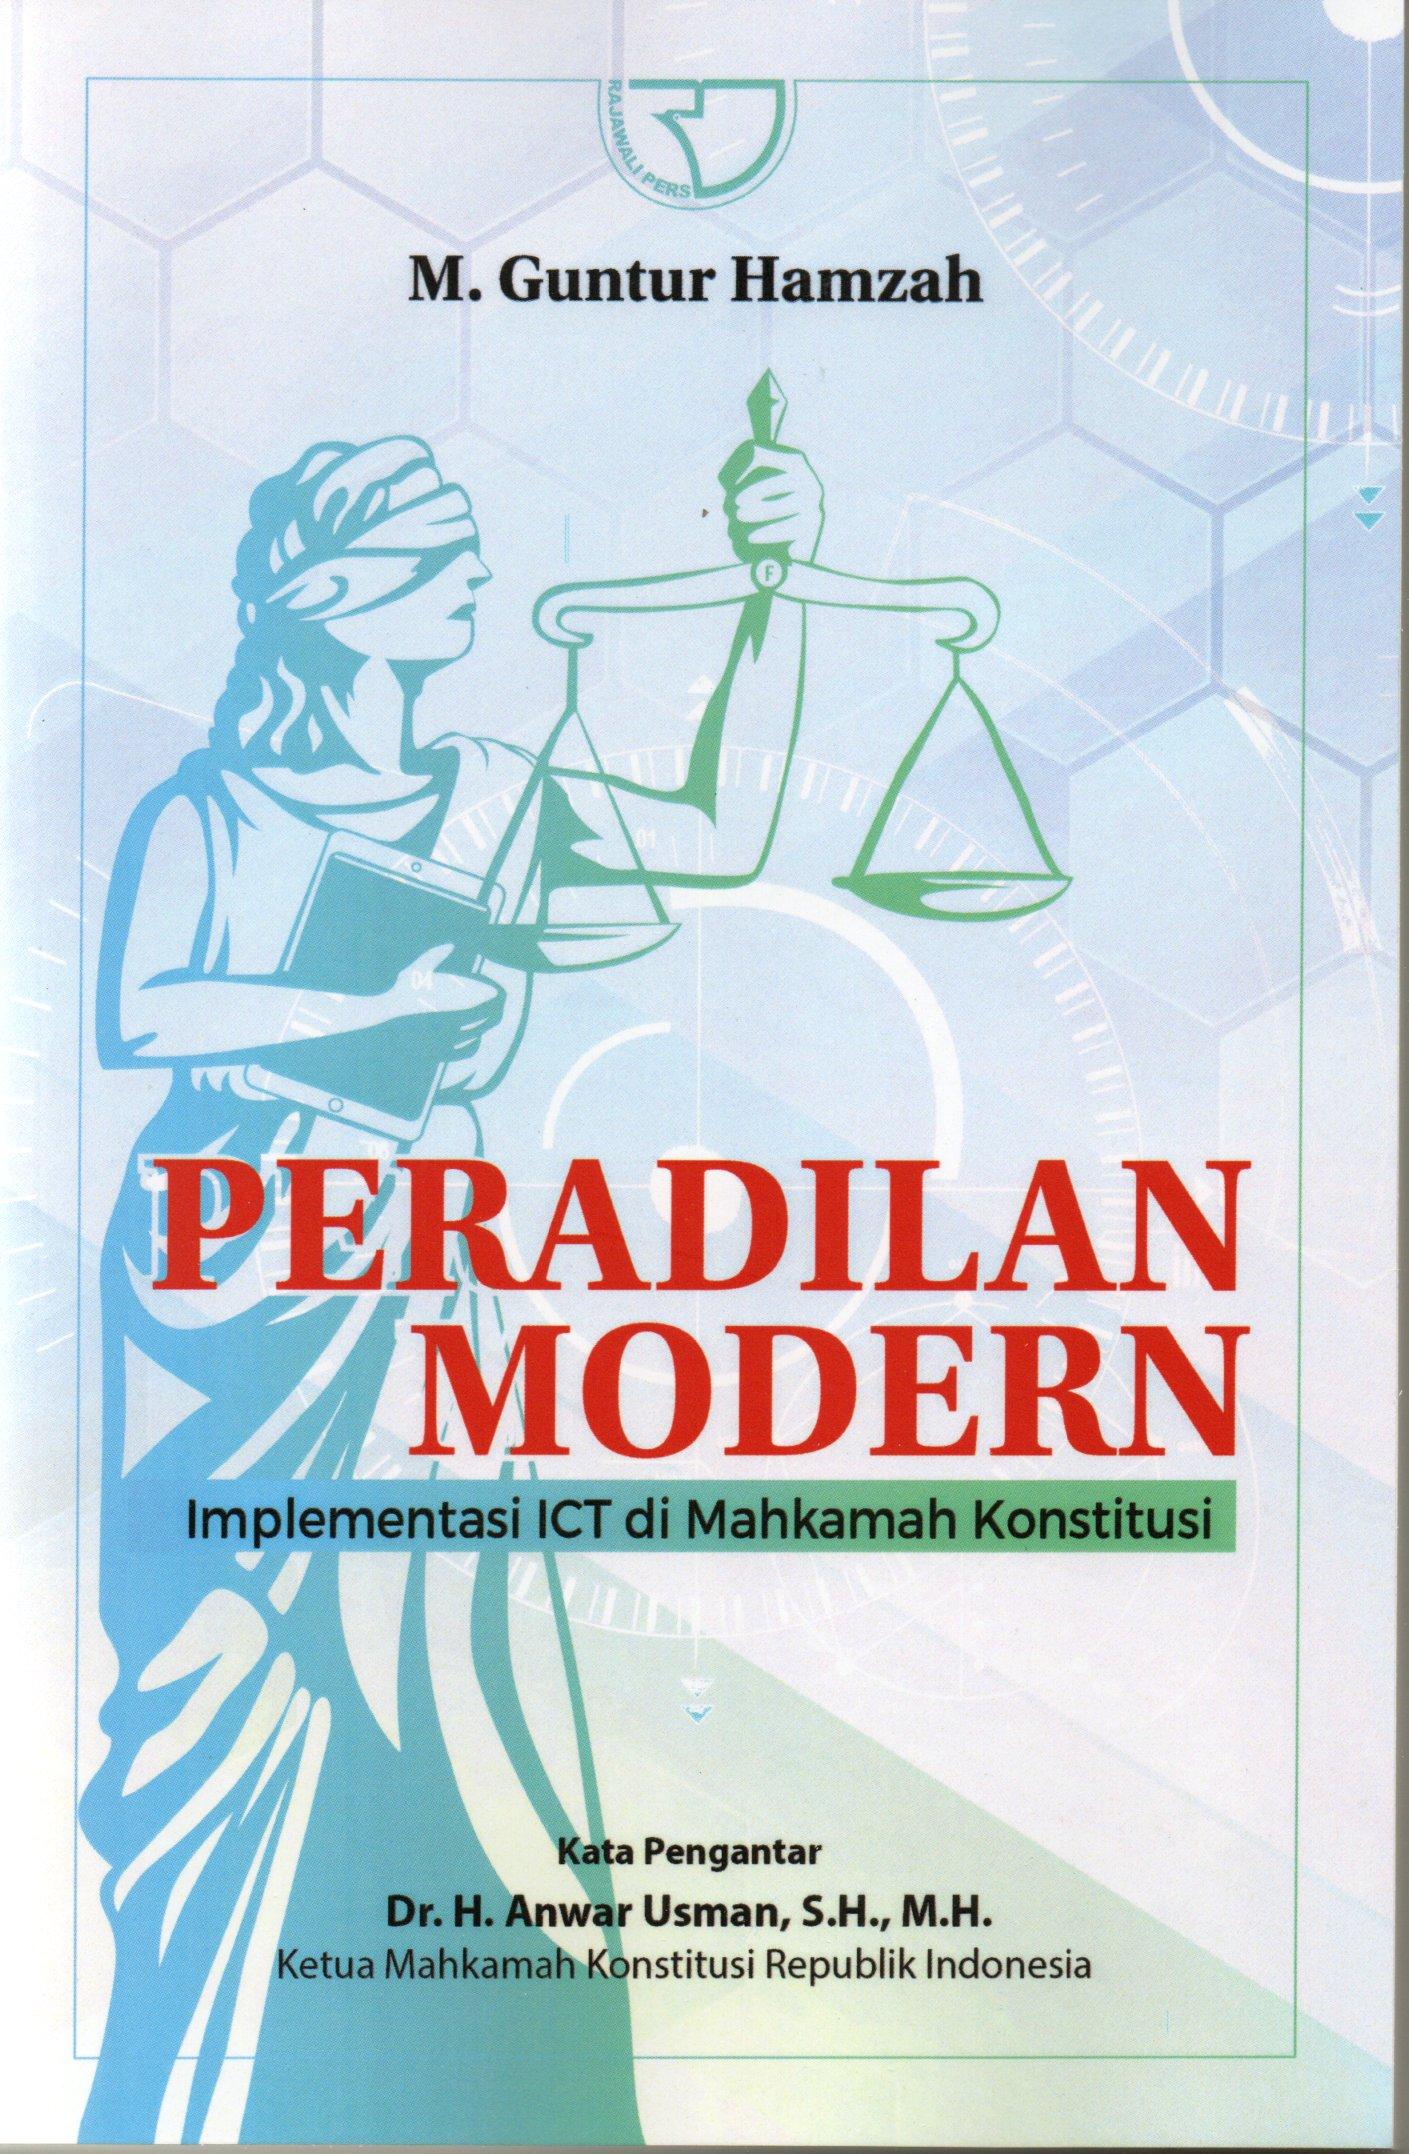 Peradilan modern implementasi ICT di Mahkamah konstitusi/M. Guntur Hamzah